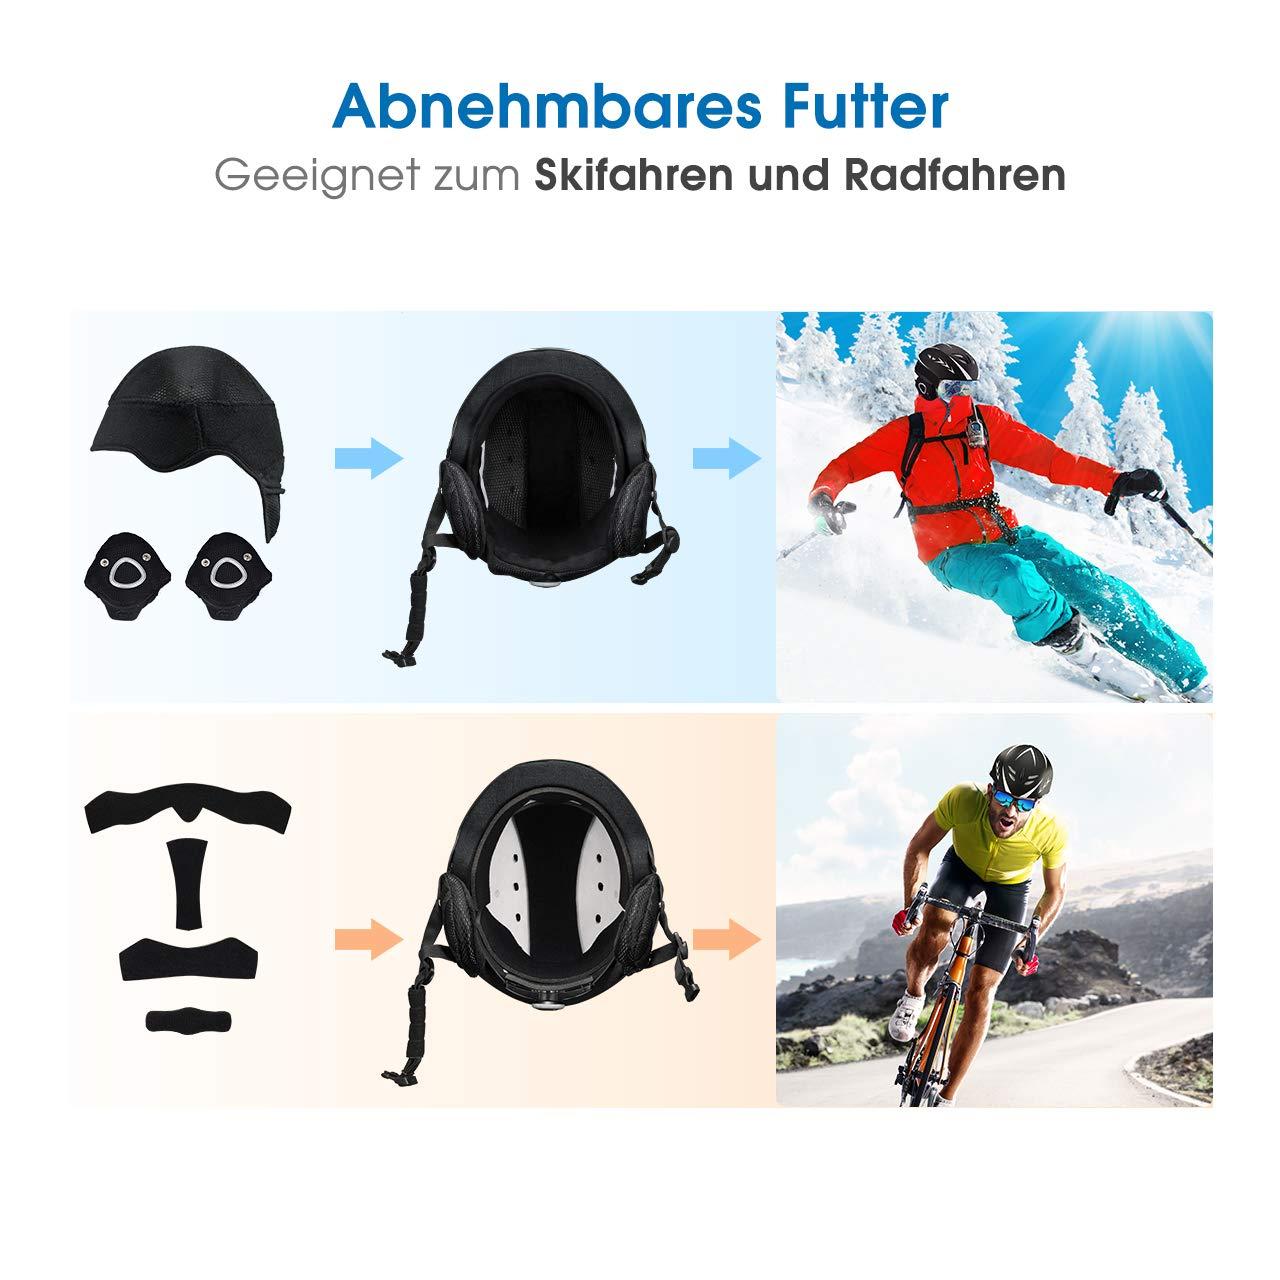 Snowboardhelm f/ür Skifahren OMORC Skihelm Snowboarden Winter und Sommer Universalhelm Erwachsene Outdoor Sporthelm Verstellbarer Kopfumfang mit Steuerbarer Bel/üftung Radfahren Skaten